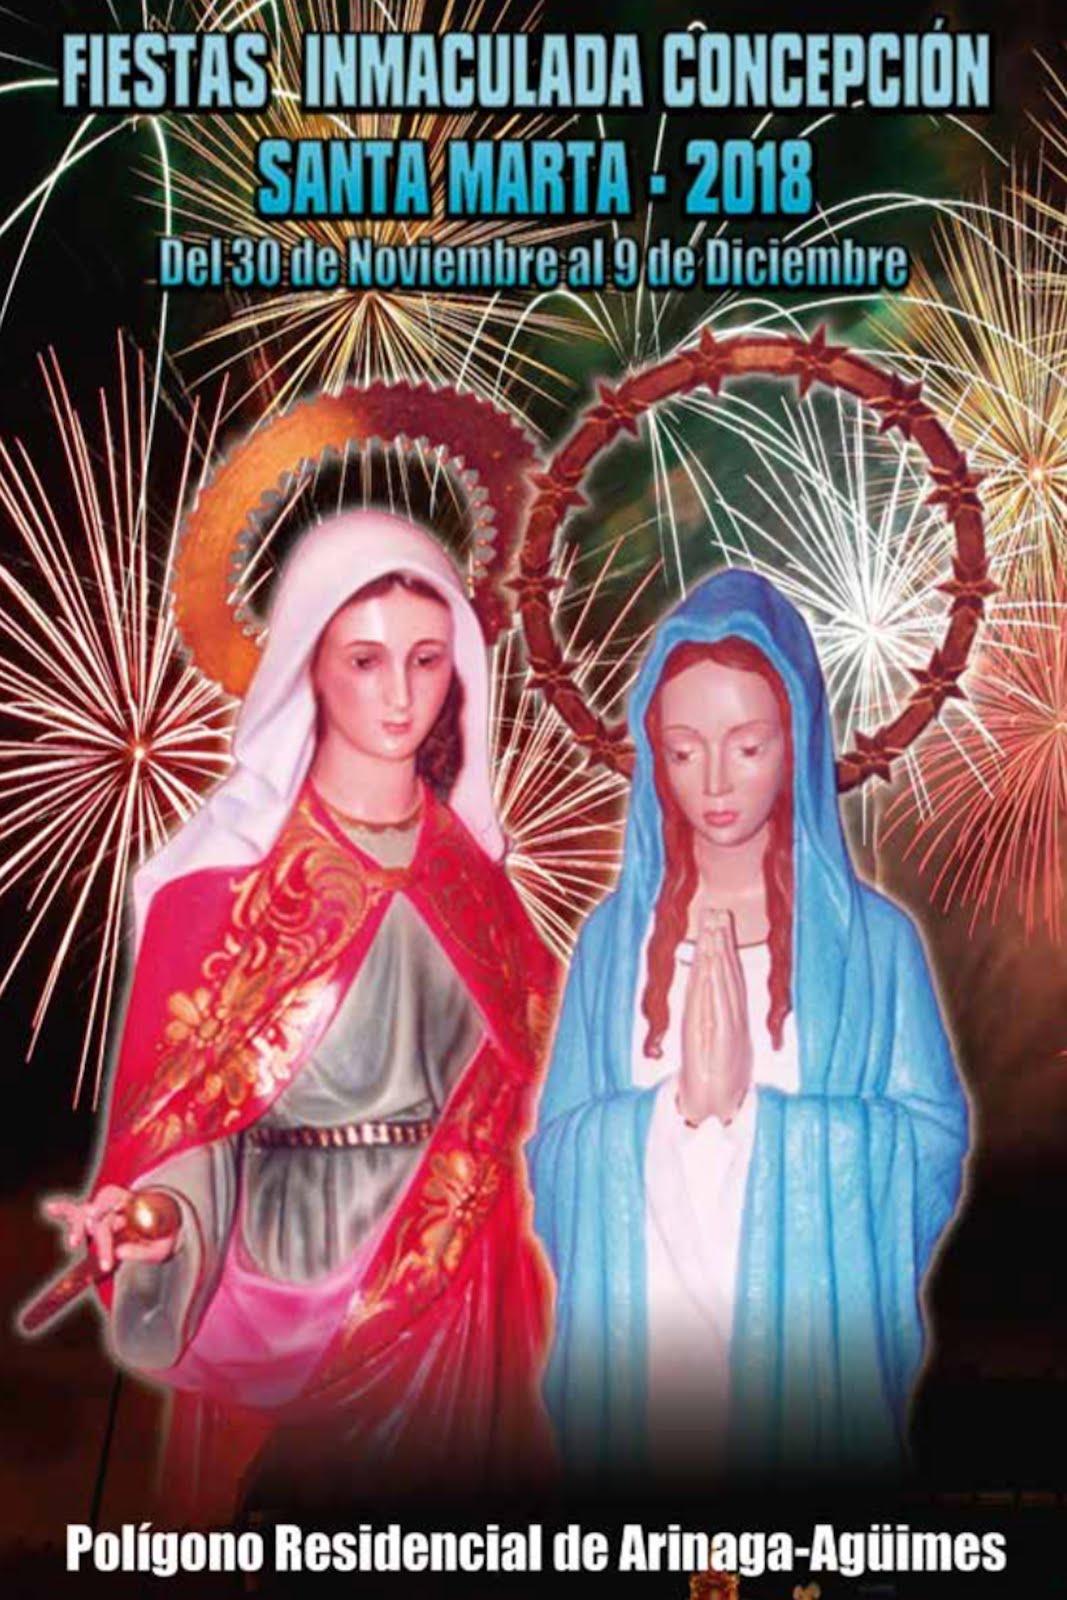 La Inmaculada Concepción y Santa Marta en el Polígono Residencial de Arinaga